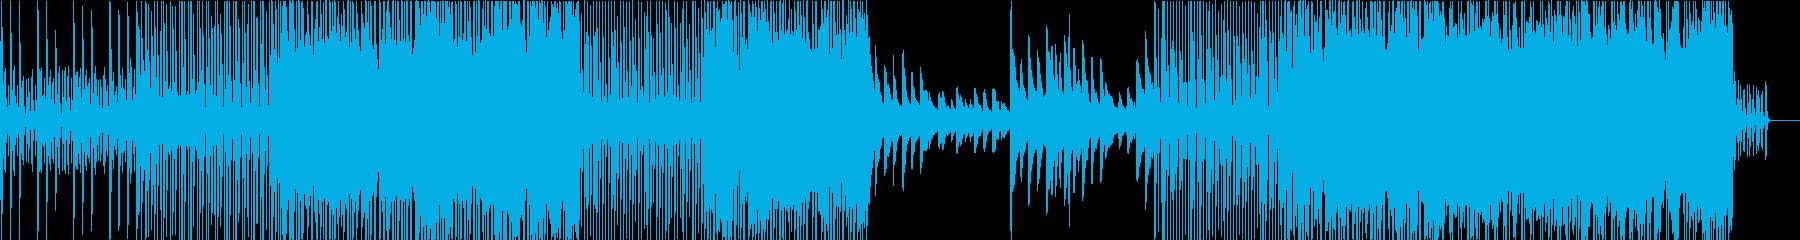 リズムはっきりのピアノインストで和の要素の再生済みの波形